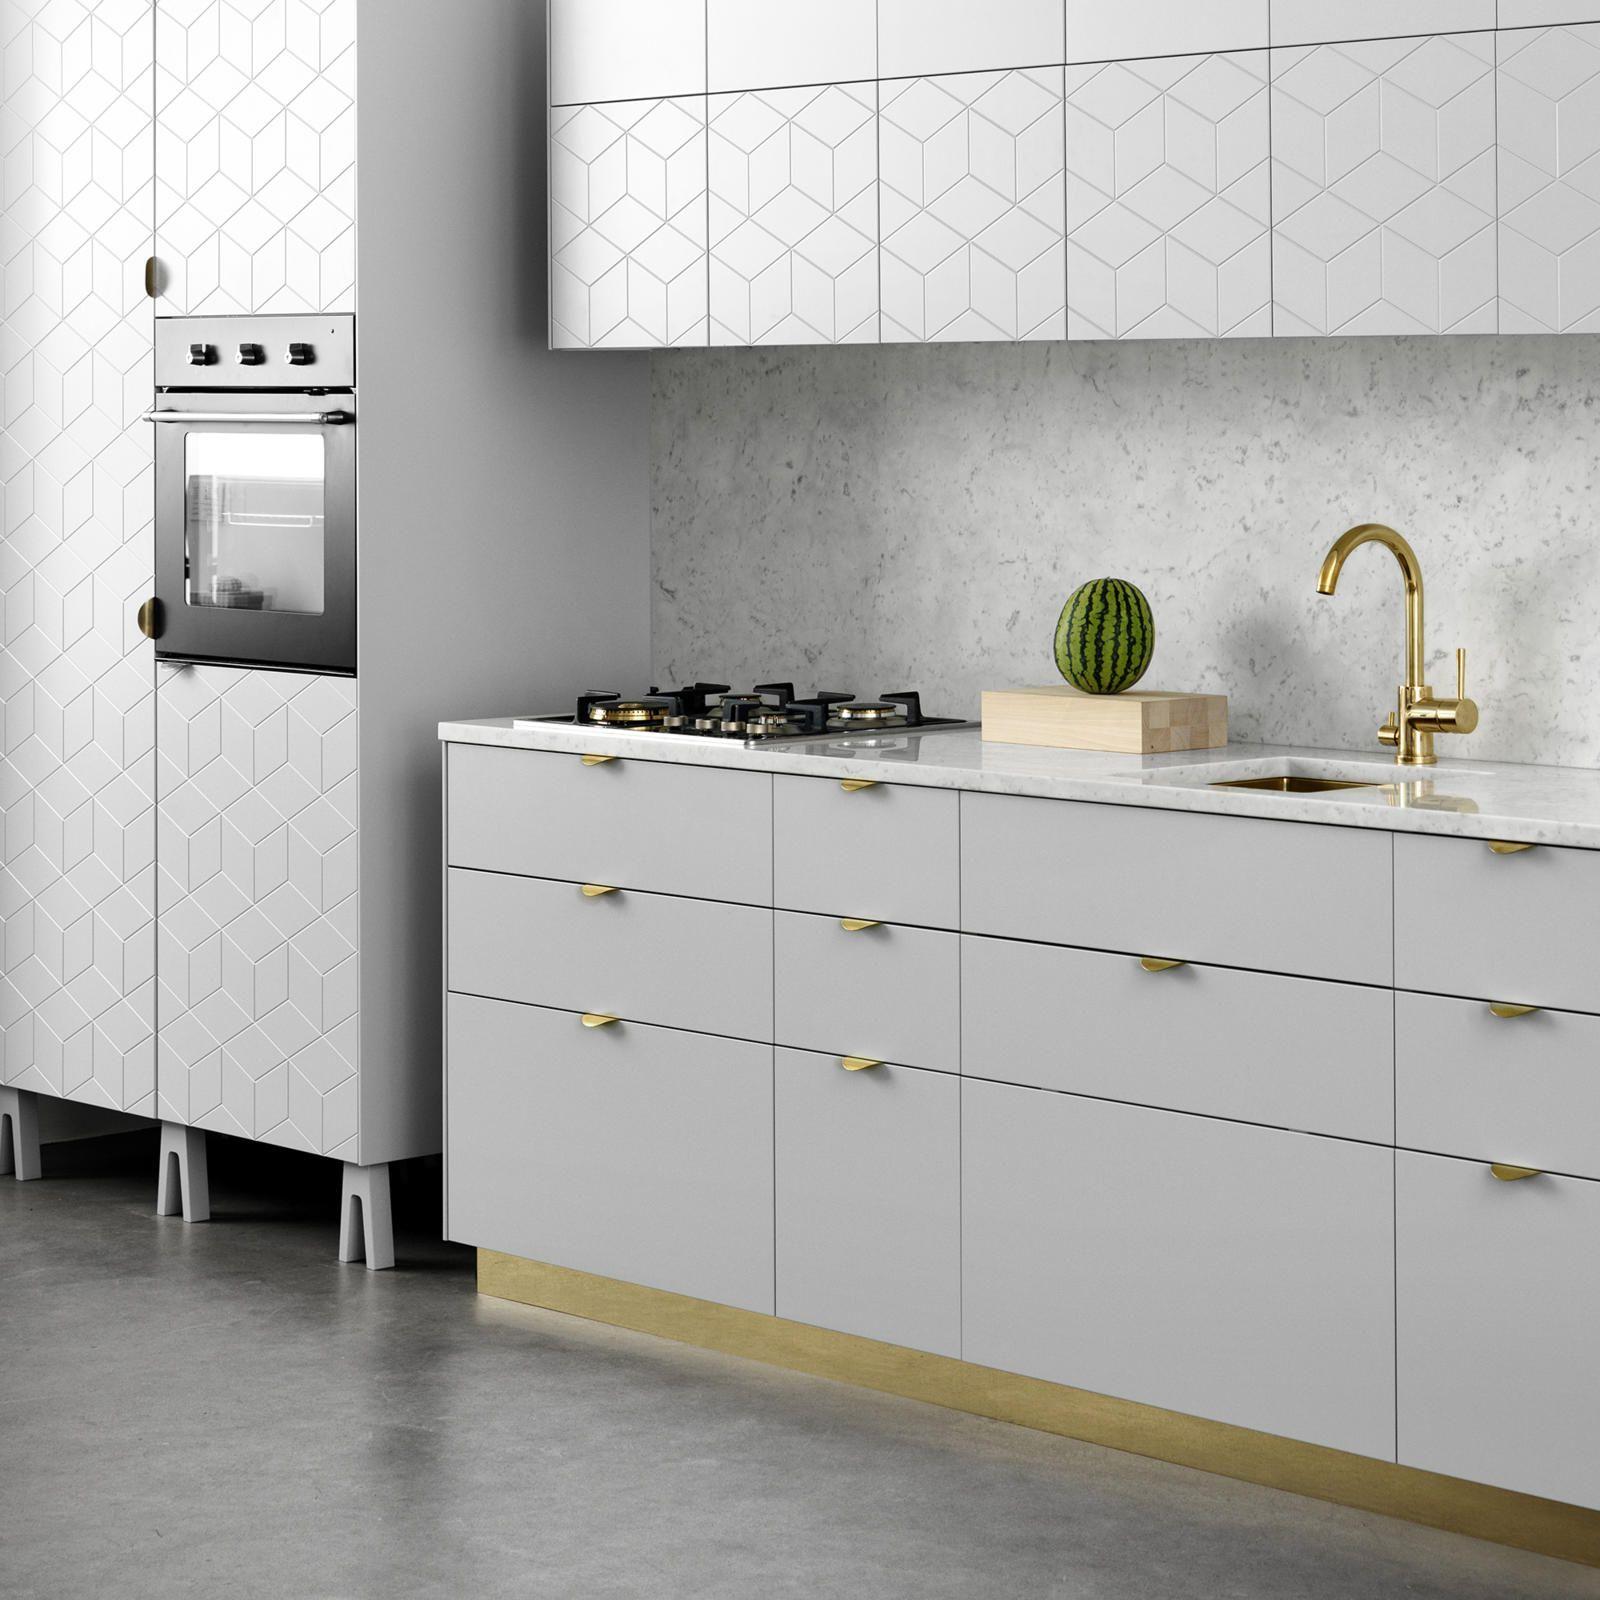 Two Tone Kitchen Cabinets Ikea: Fronter, Handtag, Ben, Toppar Och Sidor För IKEAs